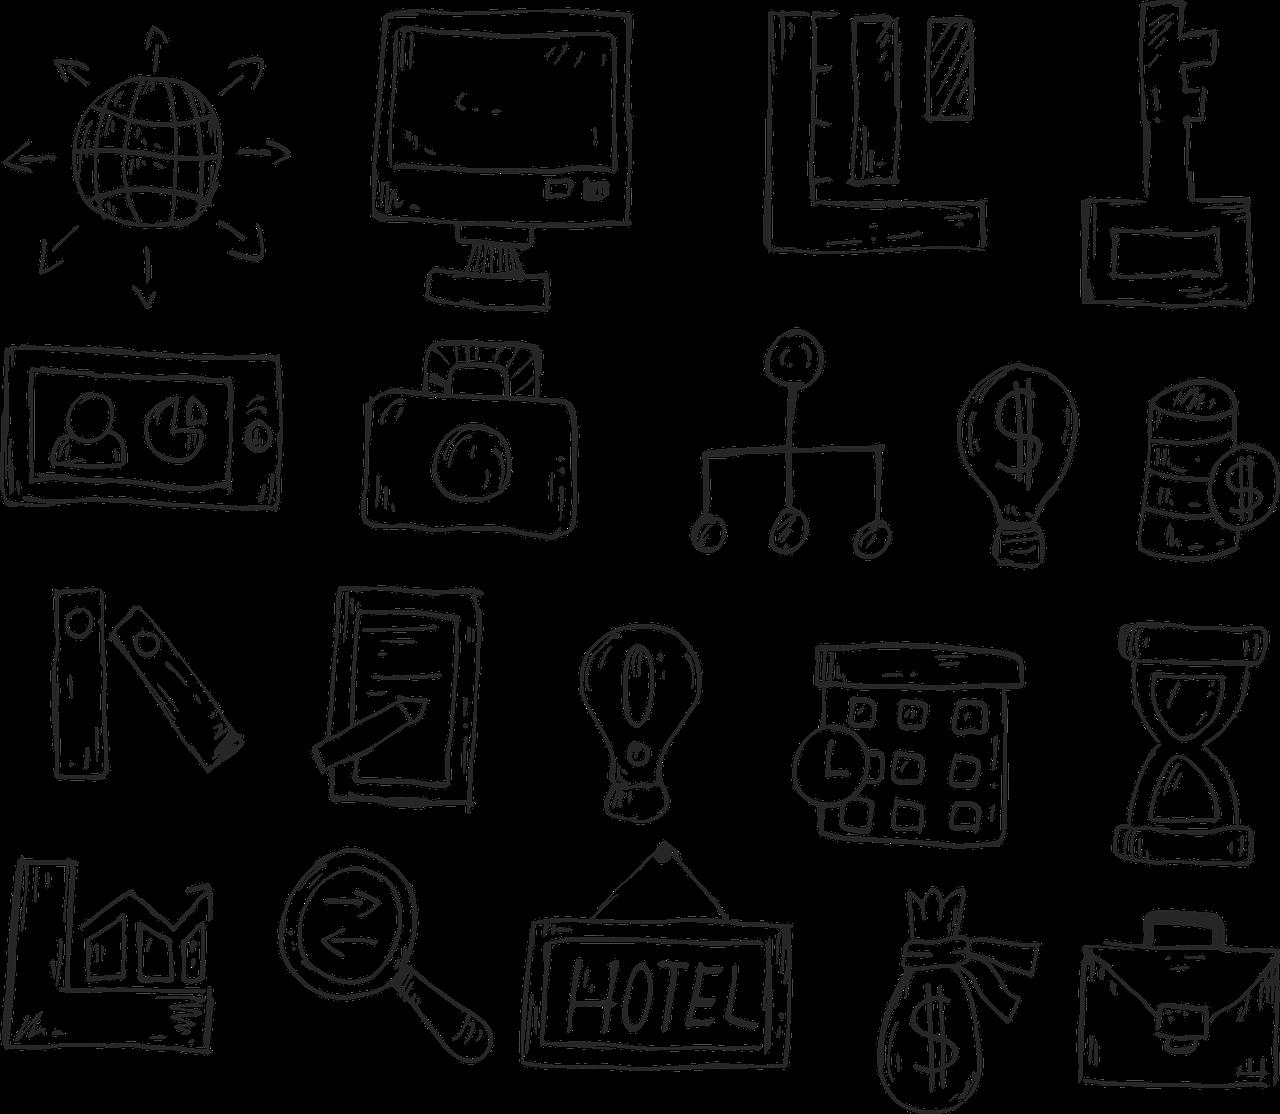 Imagini și icon-uri în web design